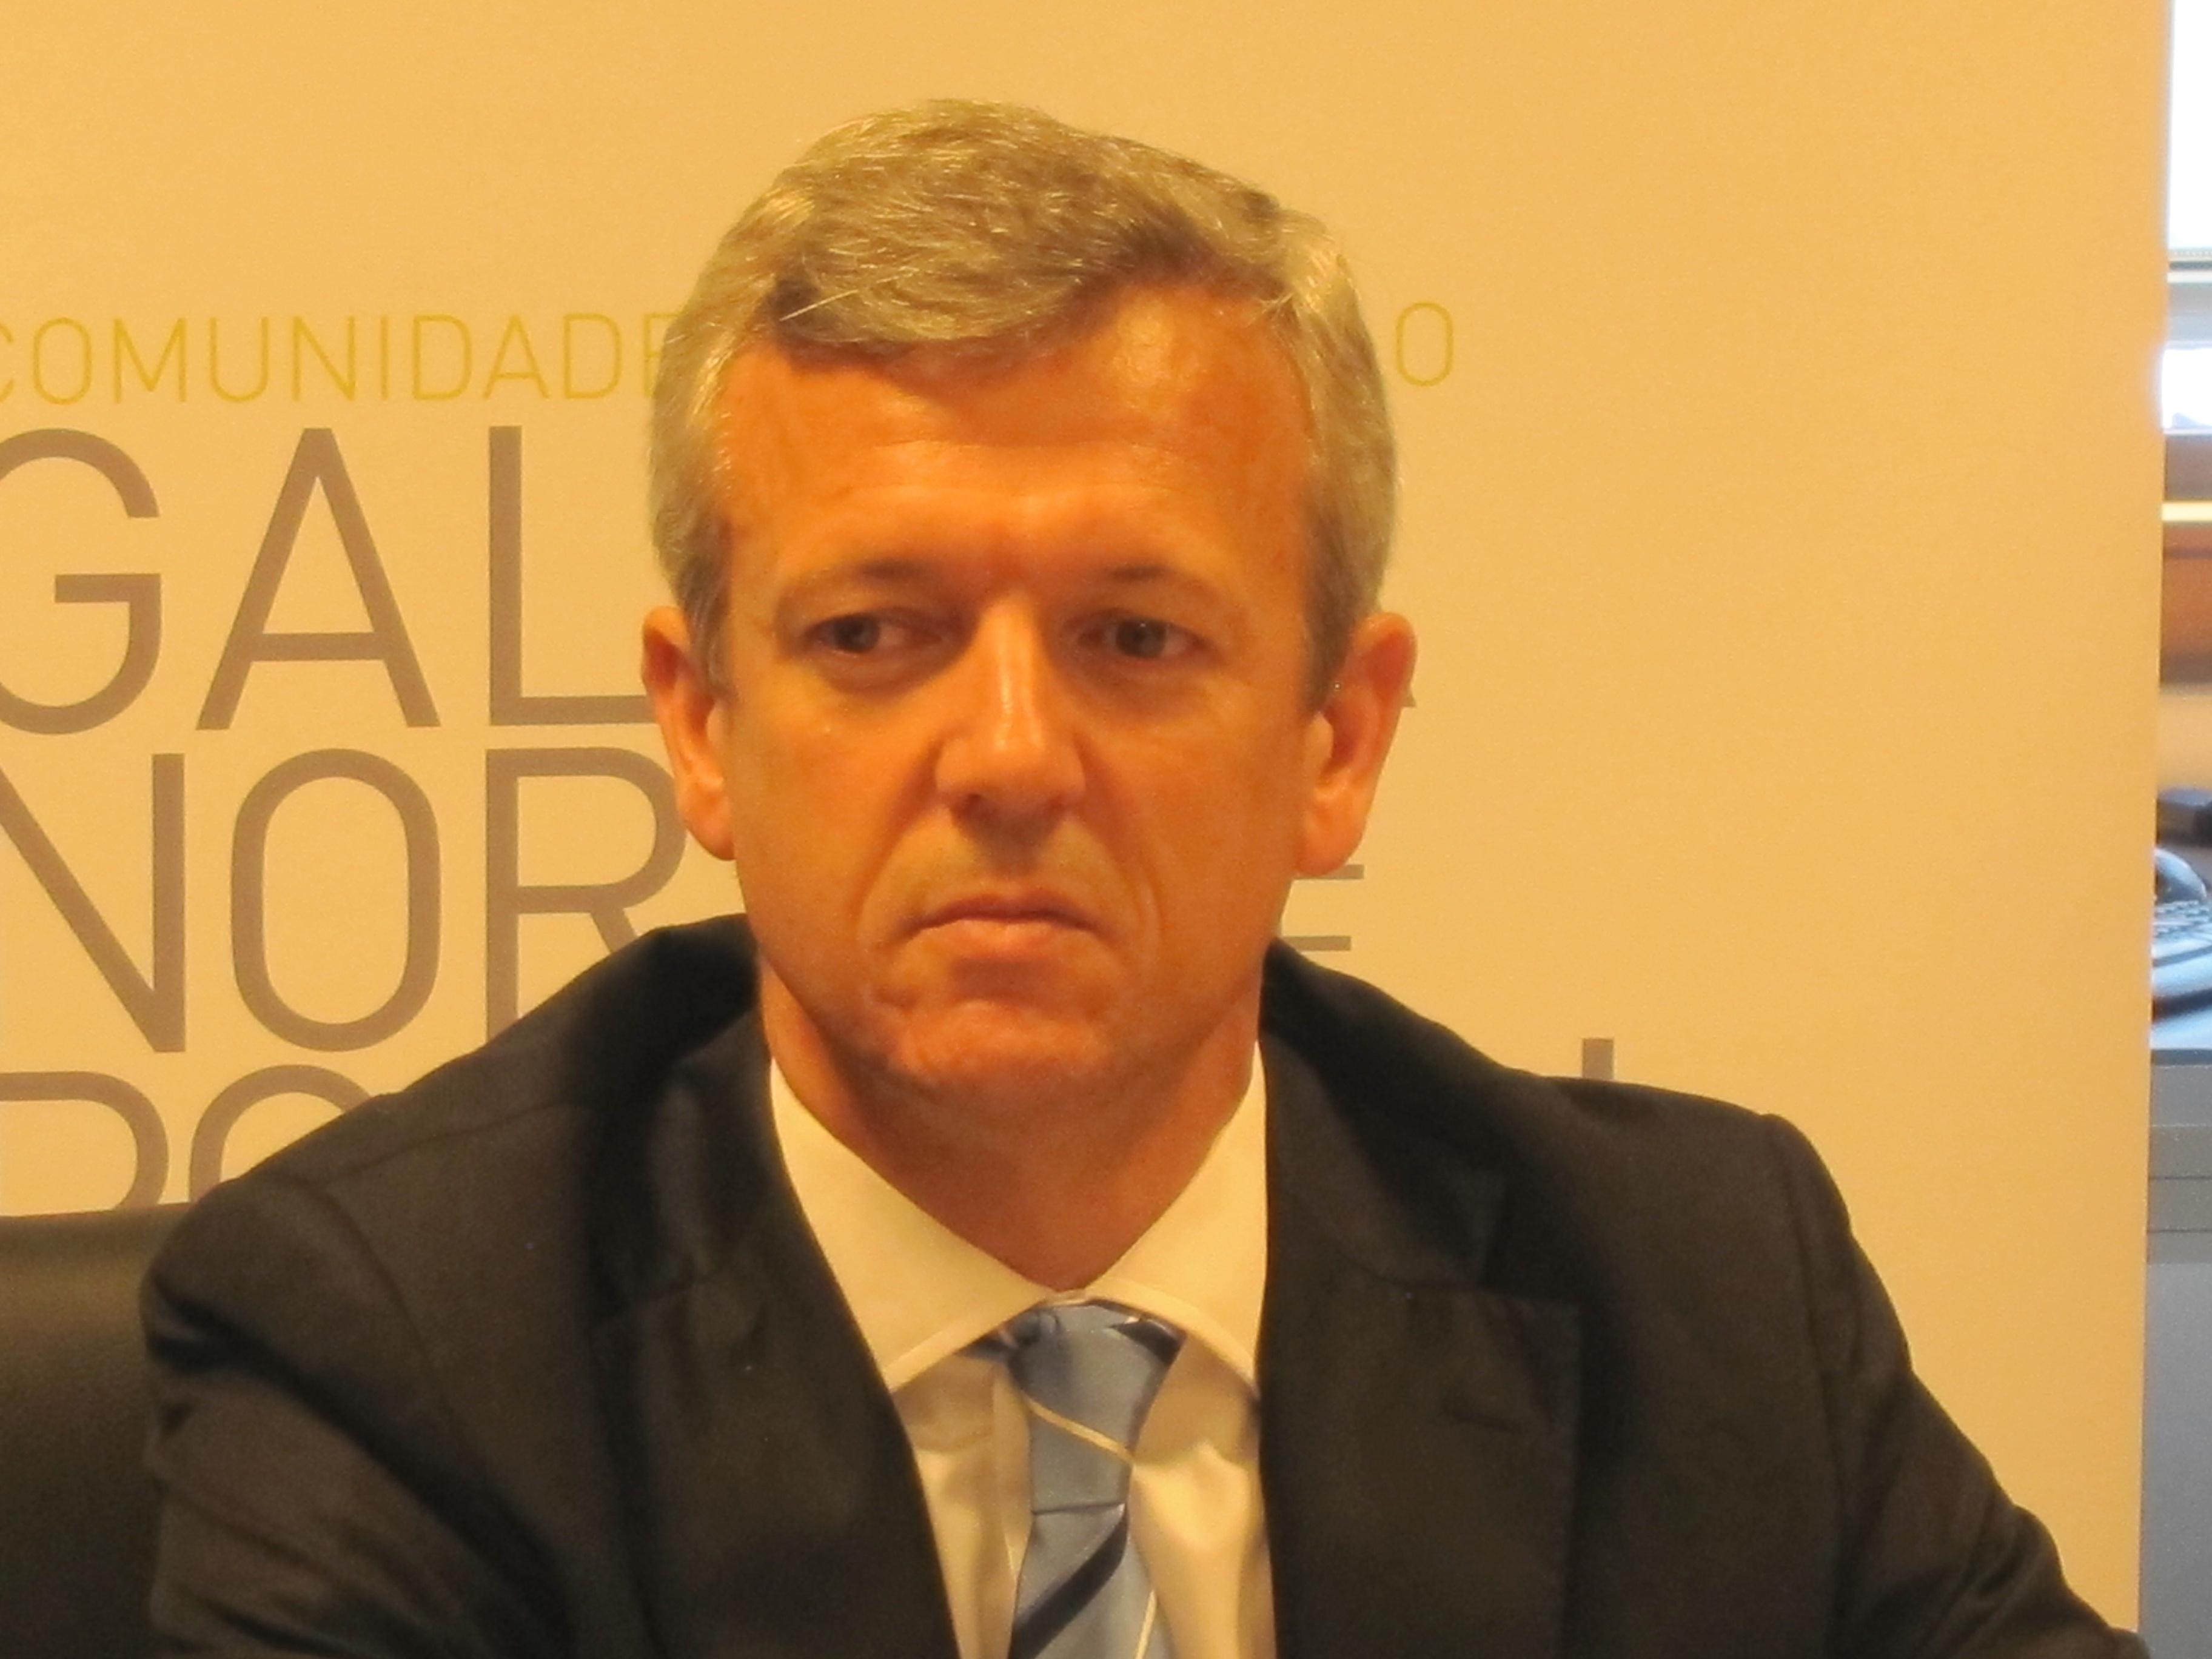 Xunta insiste en que es un «objetivo irrenunciable» que «todo aquel que fue estafado» con preferentes recupere su dinero